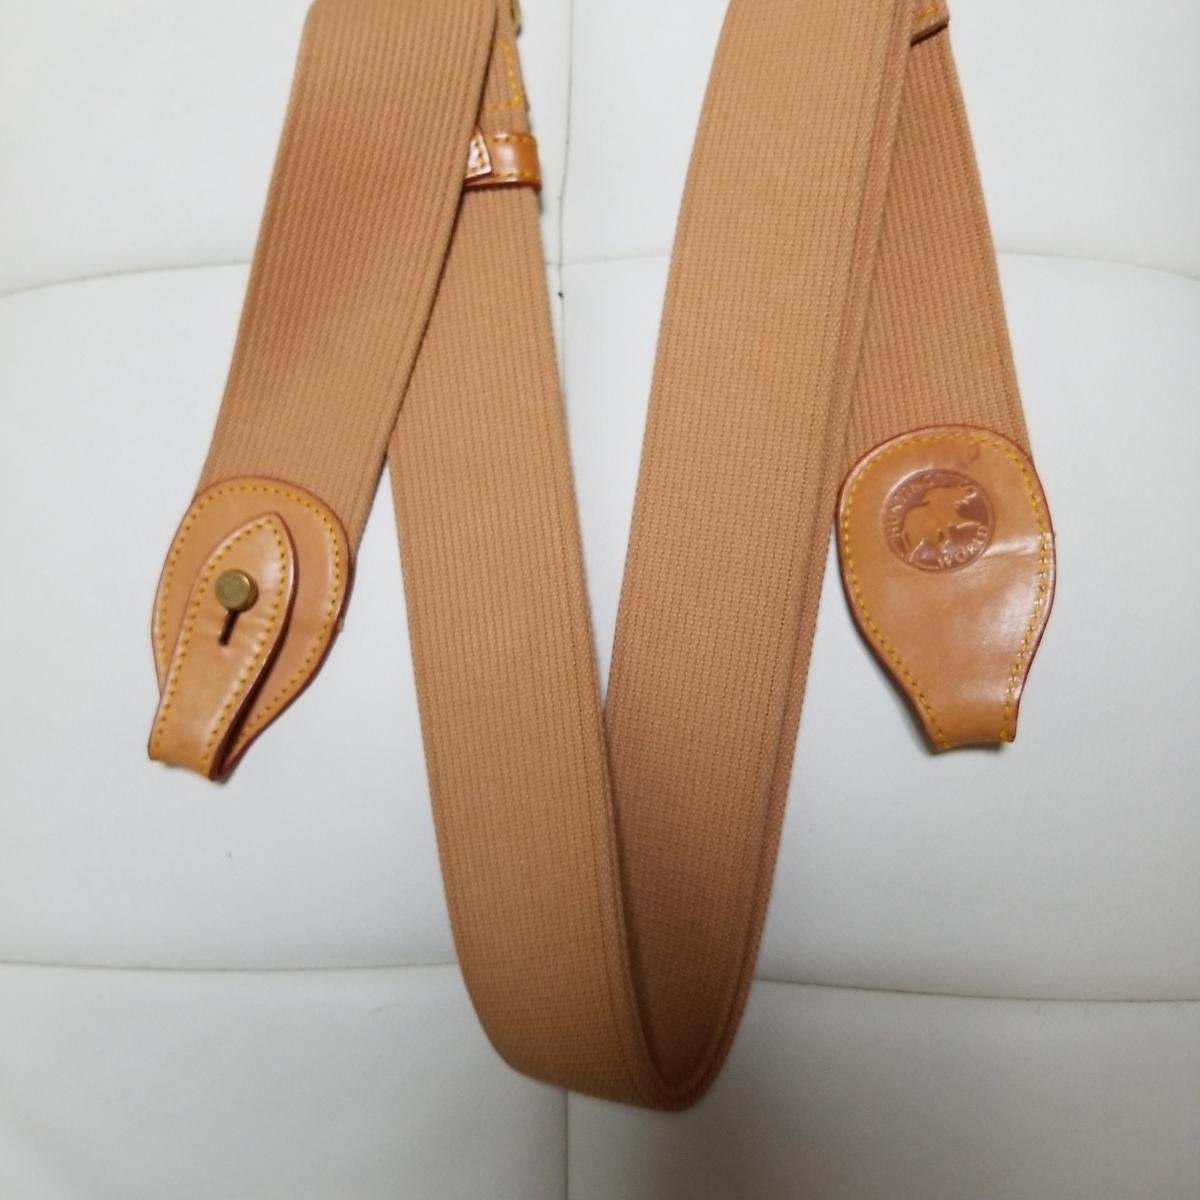 ◆未使用◆ハンティングワールド/ショルダーストラップ/ボストン/その他のバッグ利用可能_画像2